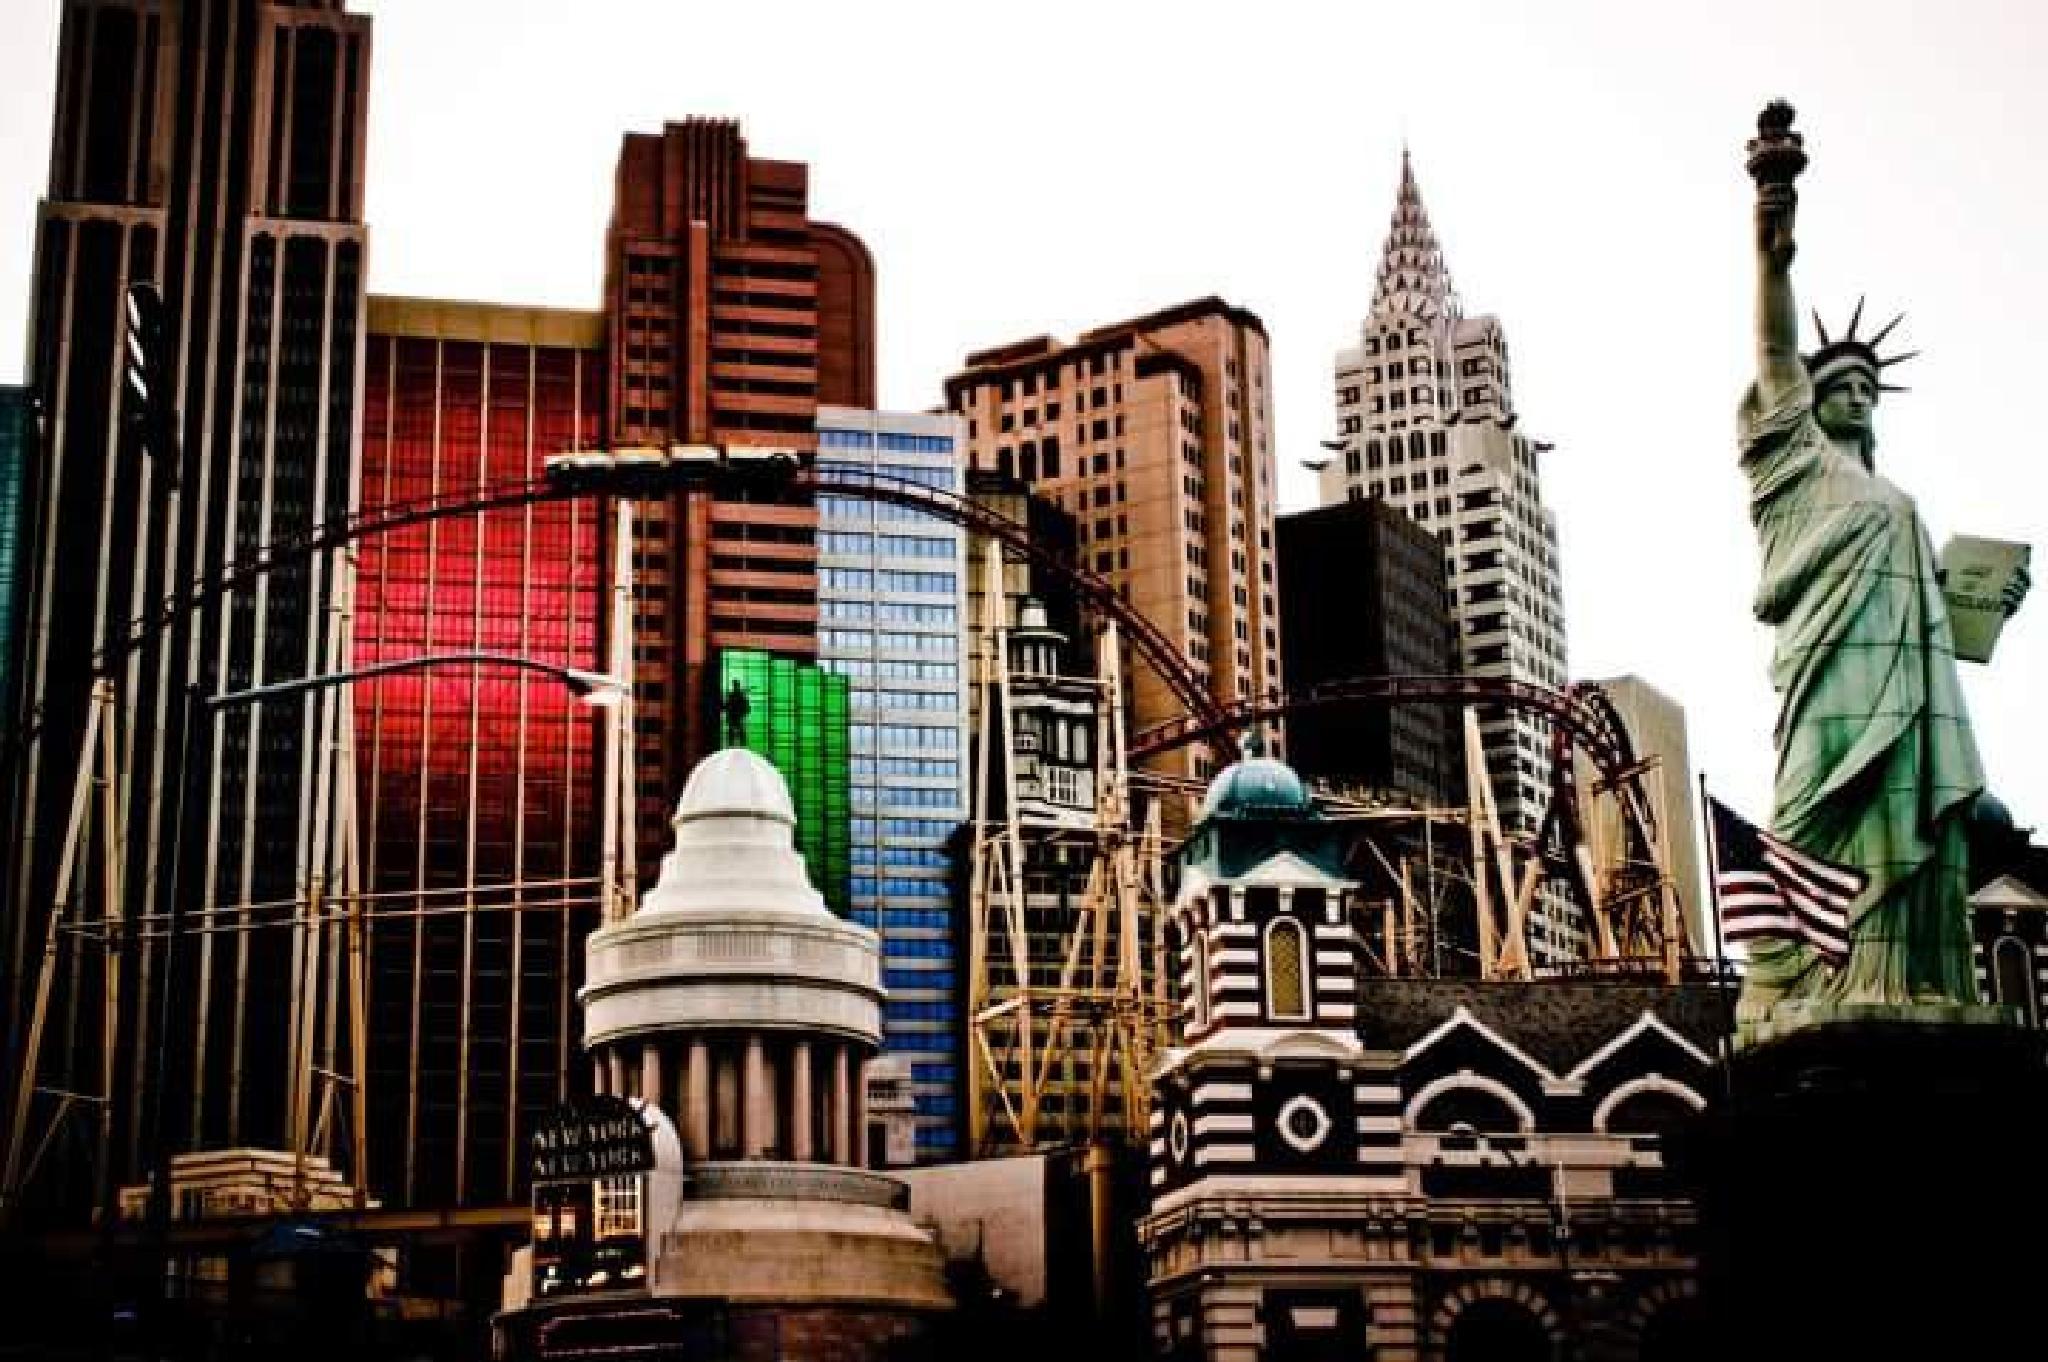 Vegas 5 by Simon Maxx